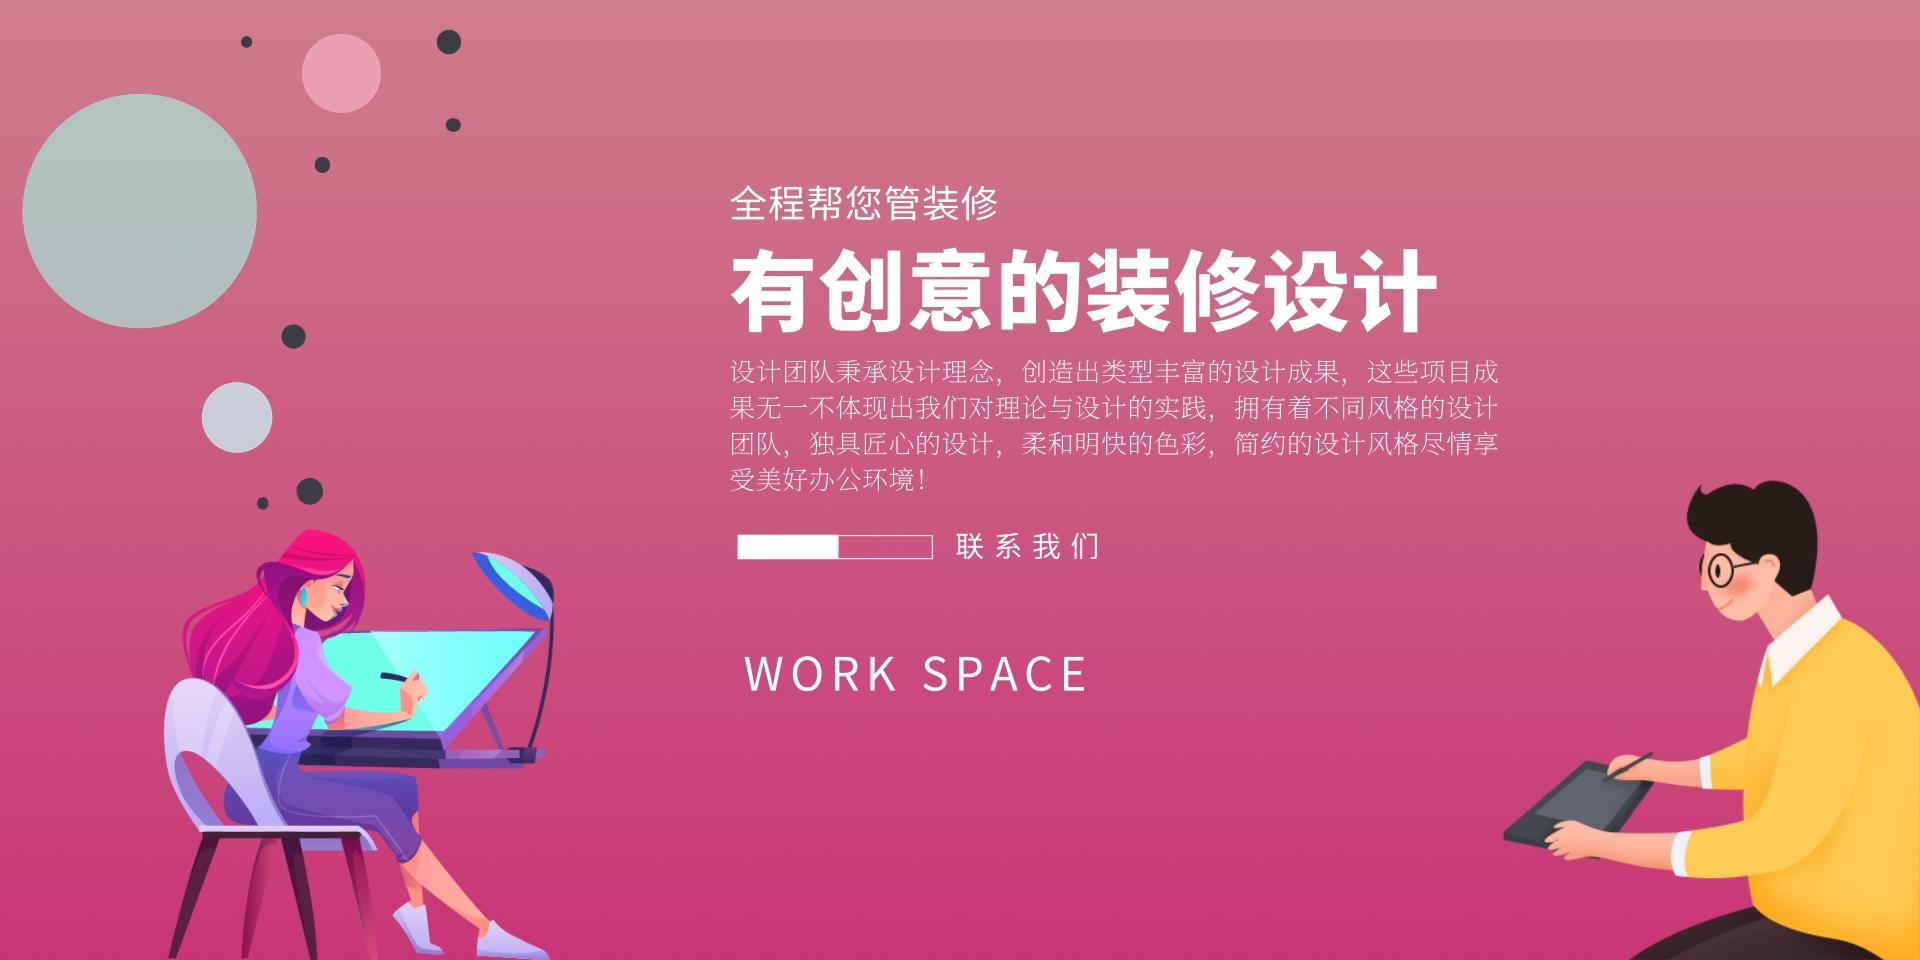 上海沃科空间设计装饰有限企业